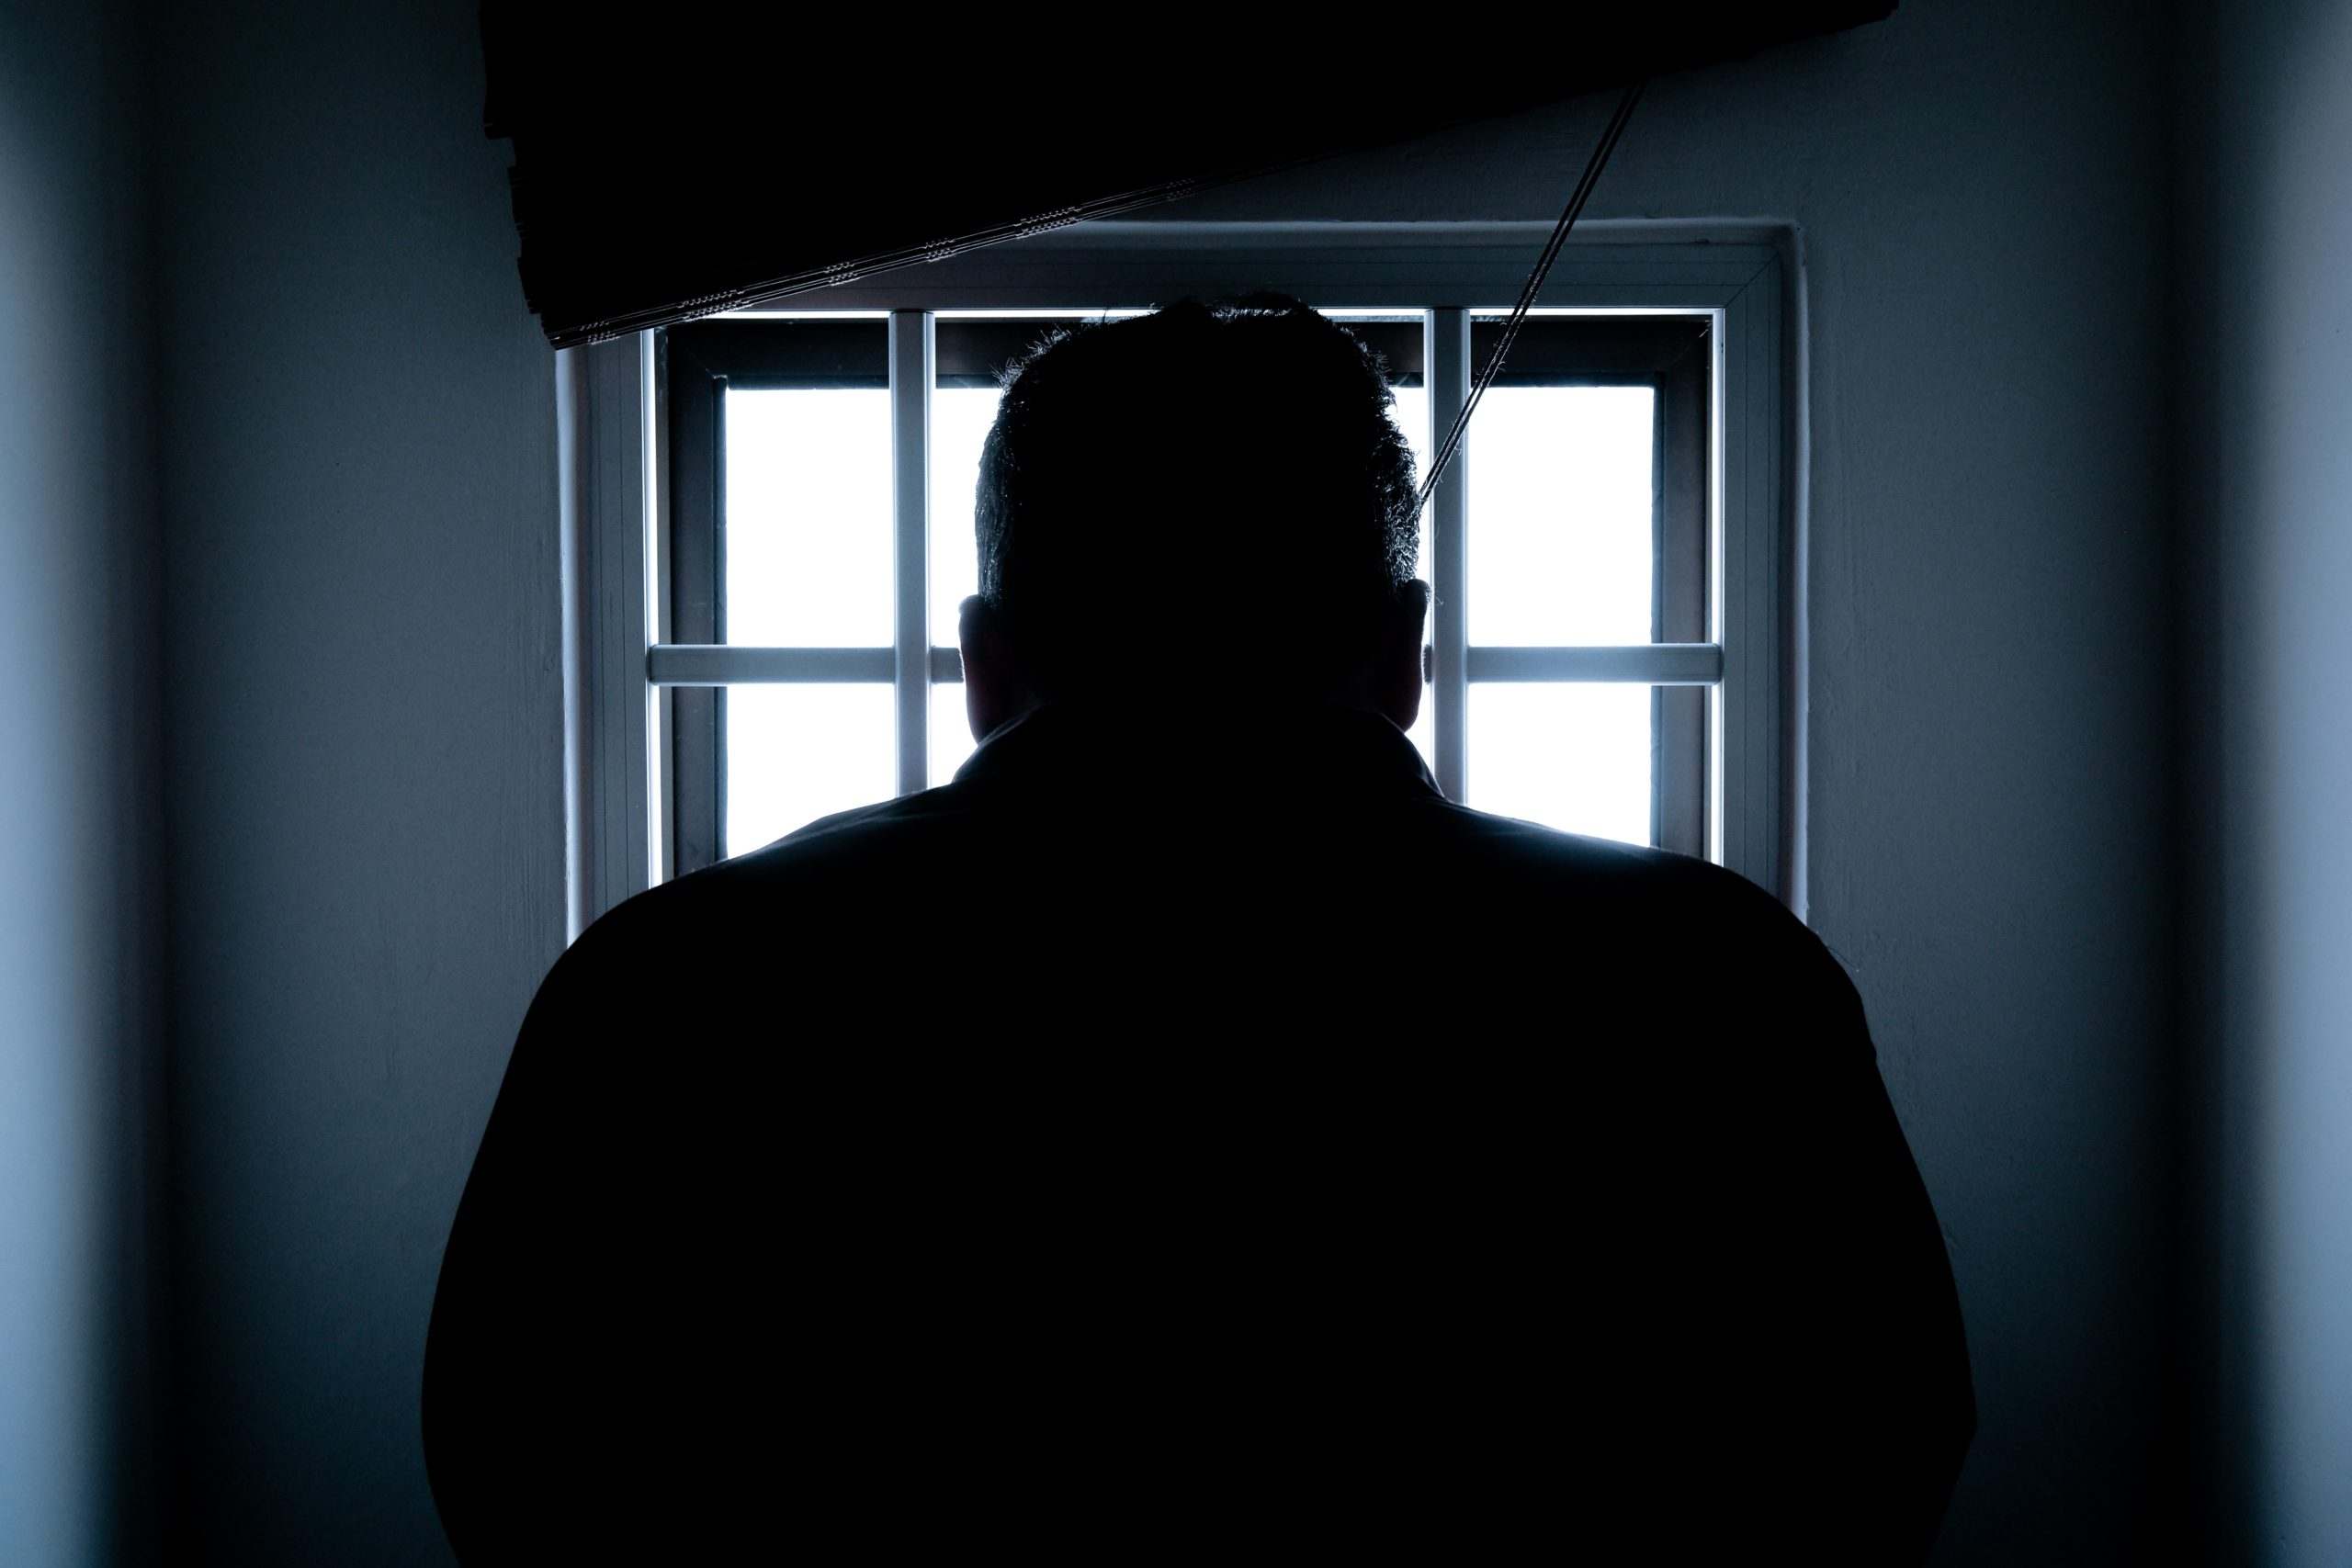 Wstrzymanie zastępczej kary pozbawienia wolności